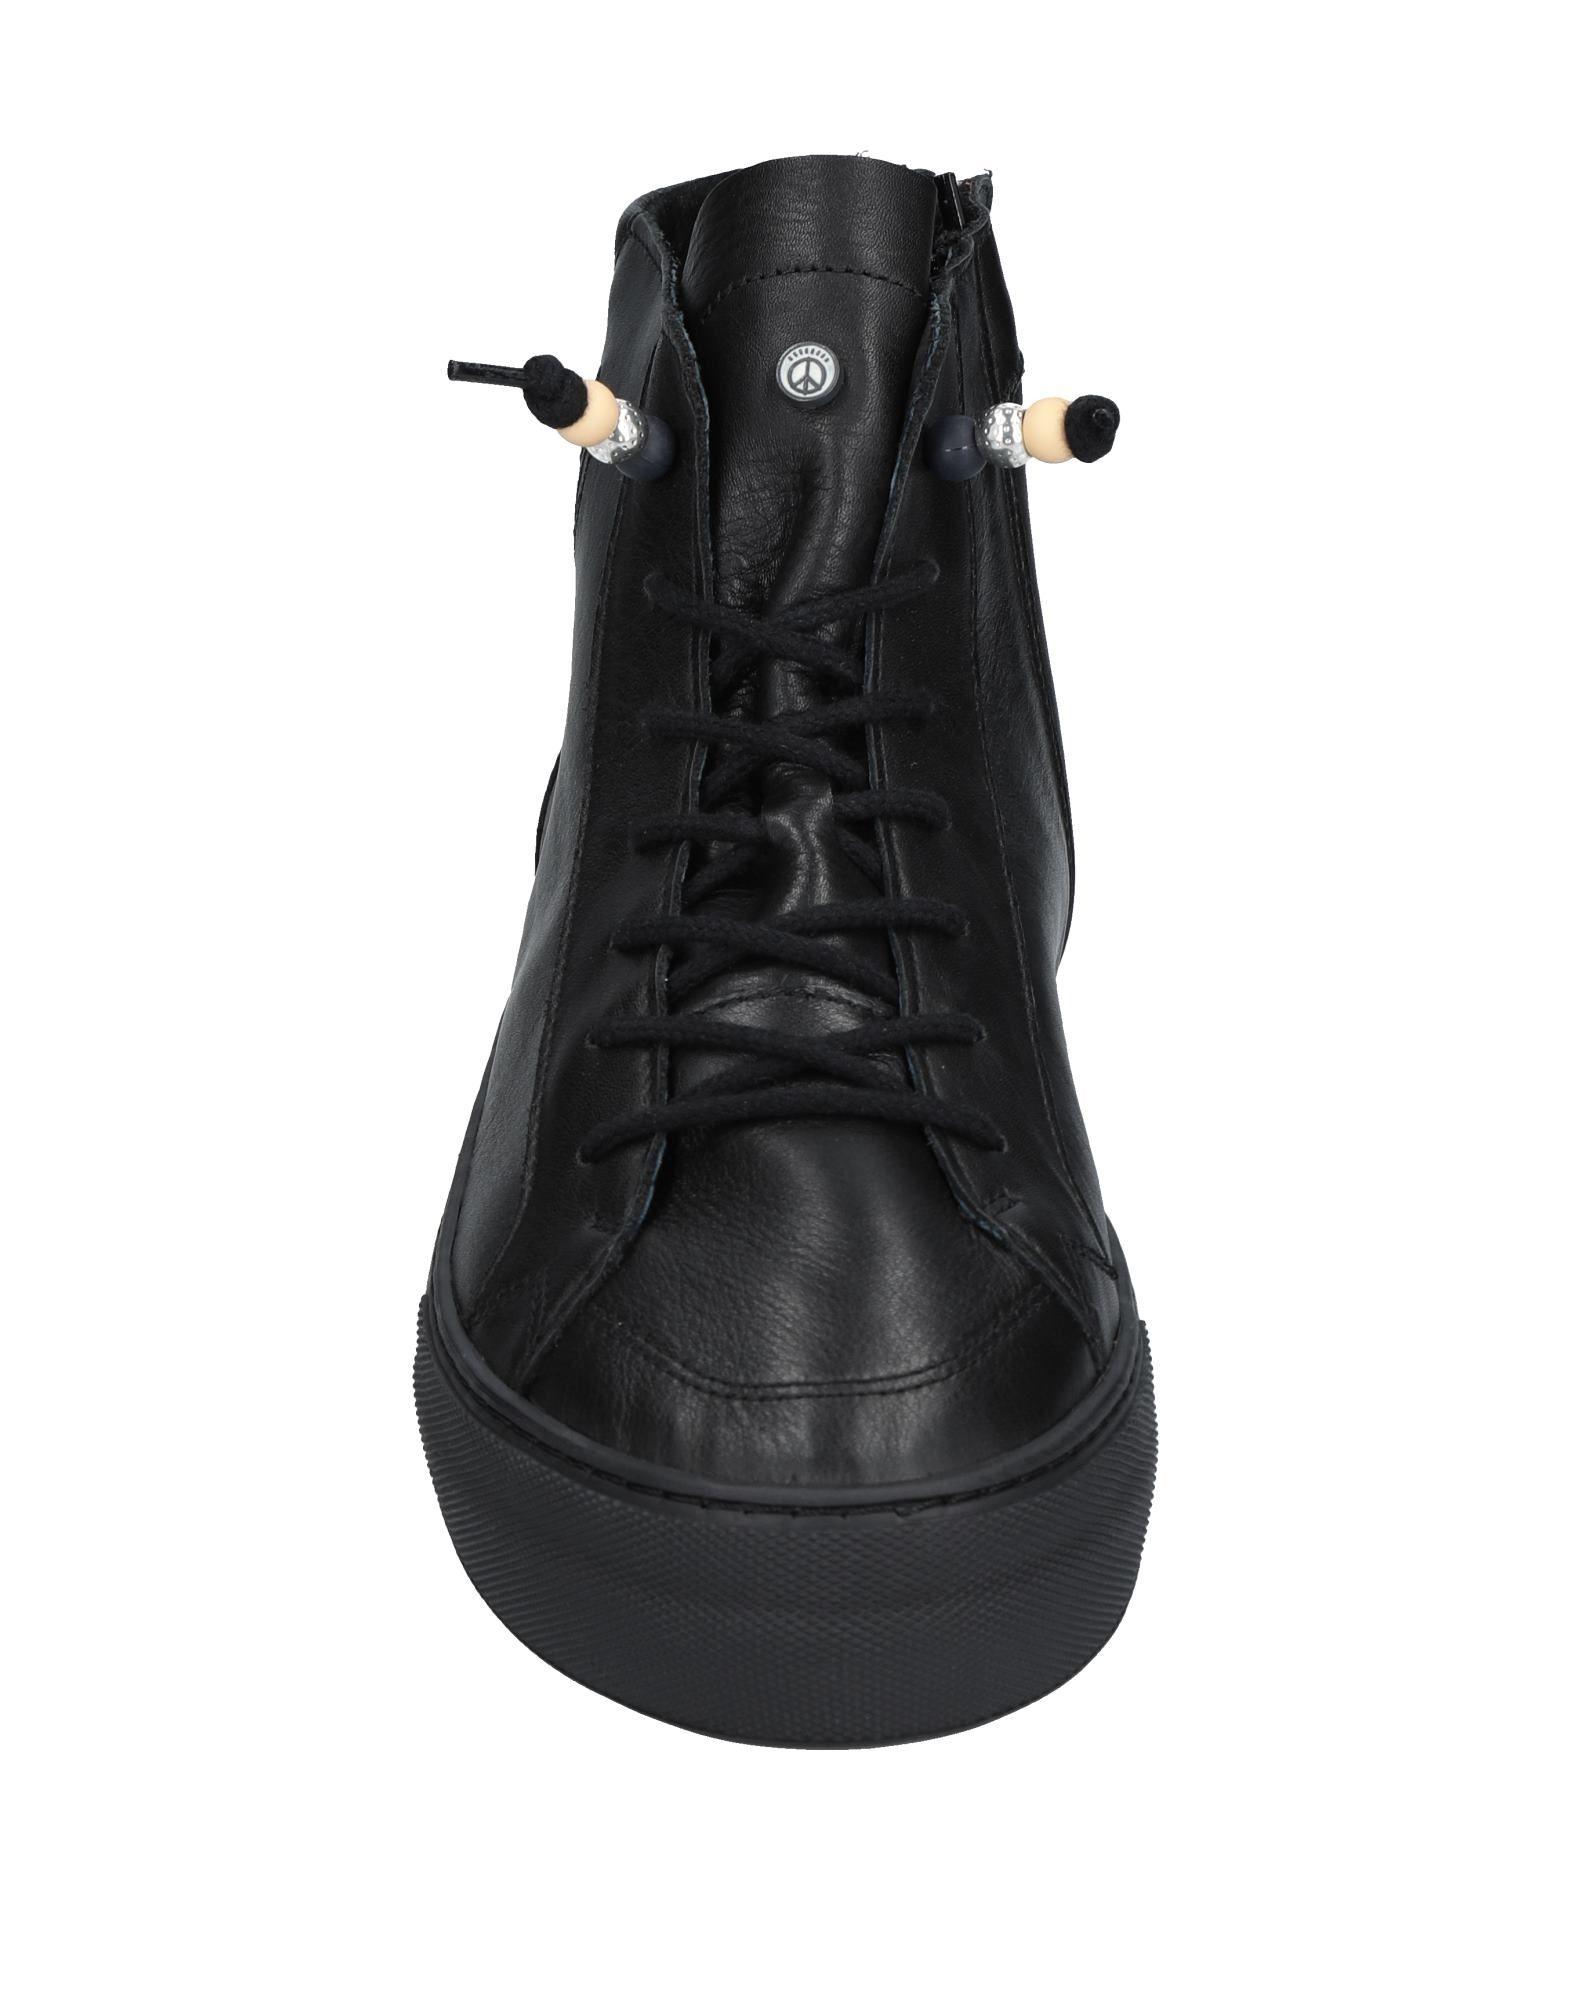 Dolfie Sneakers Herren Heiße  11529164KN Heiße Herren Schuhe c32e4f